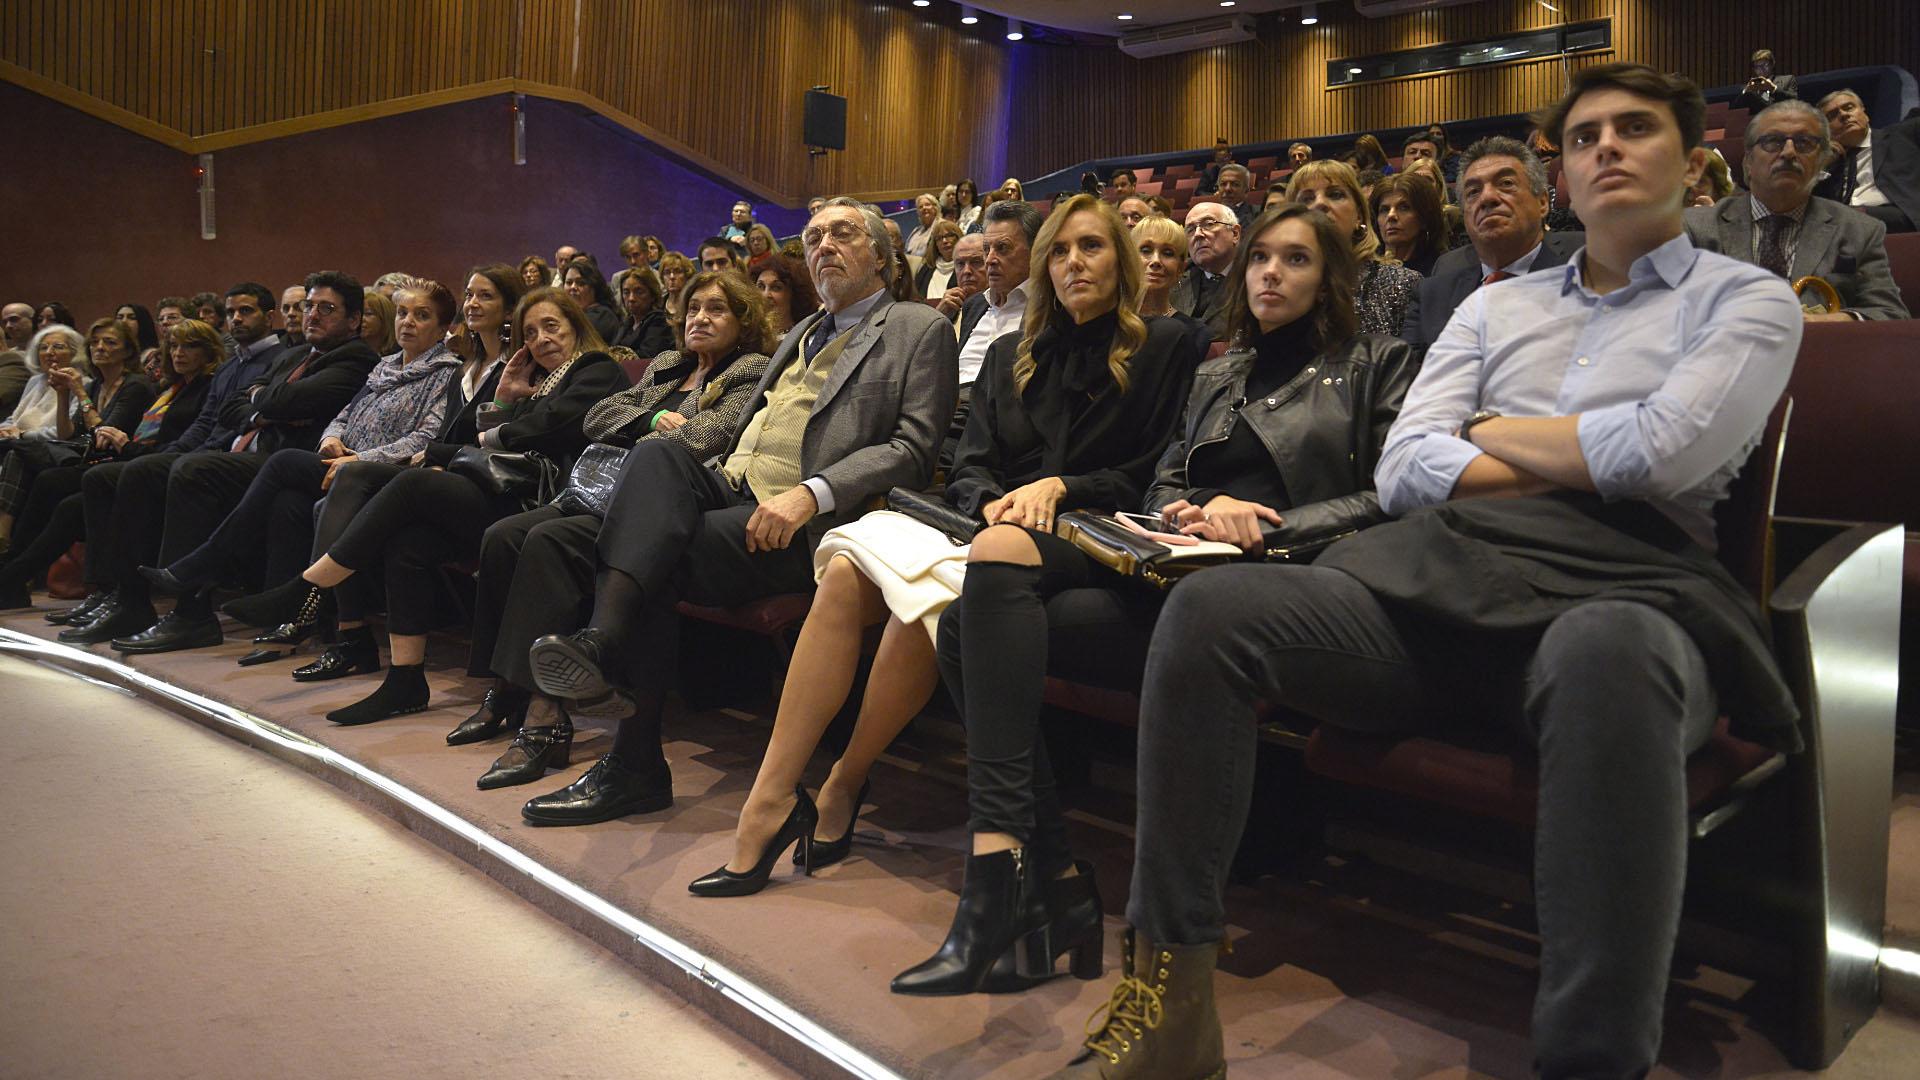 El acto se llevó a cabo ante un auditorio colmado